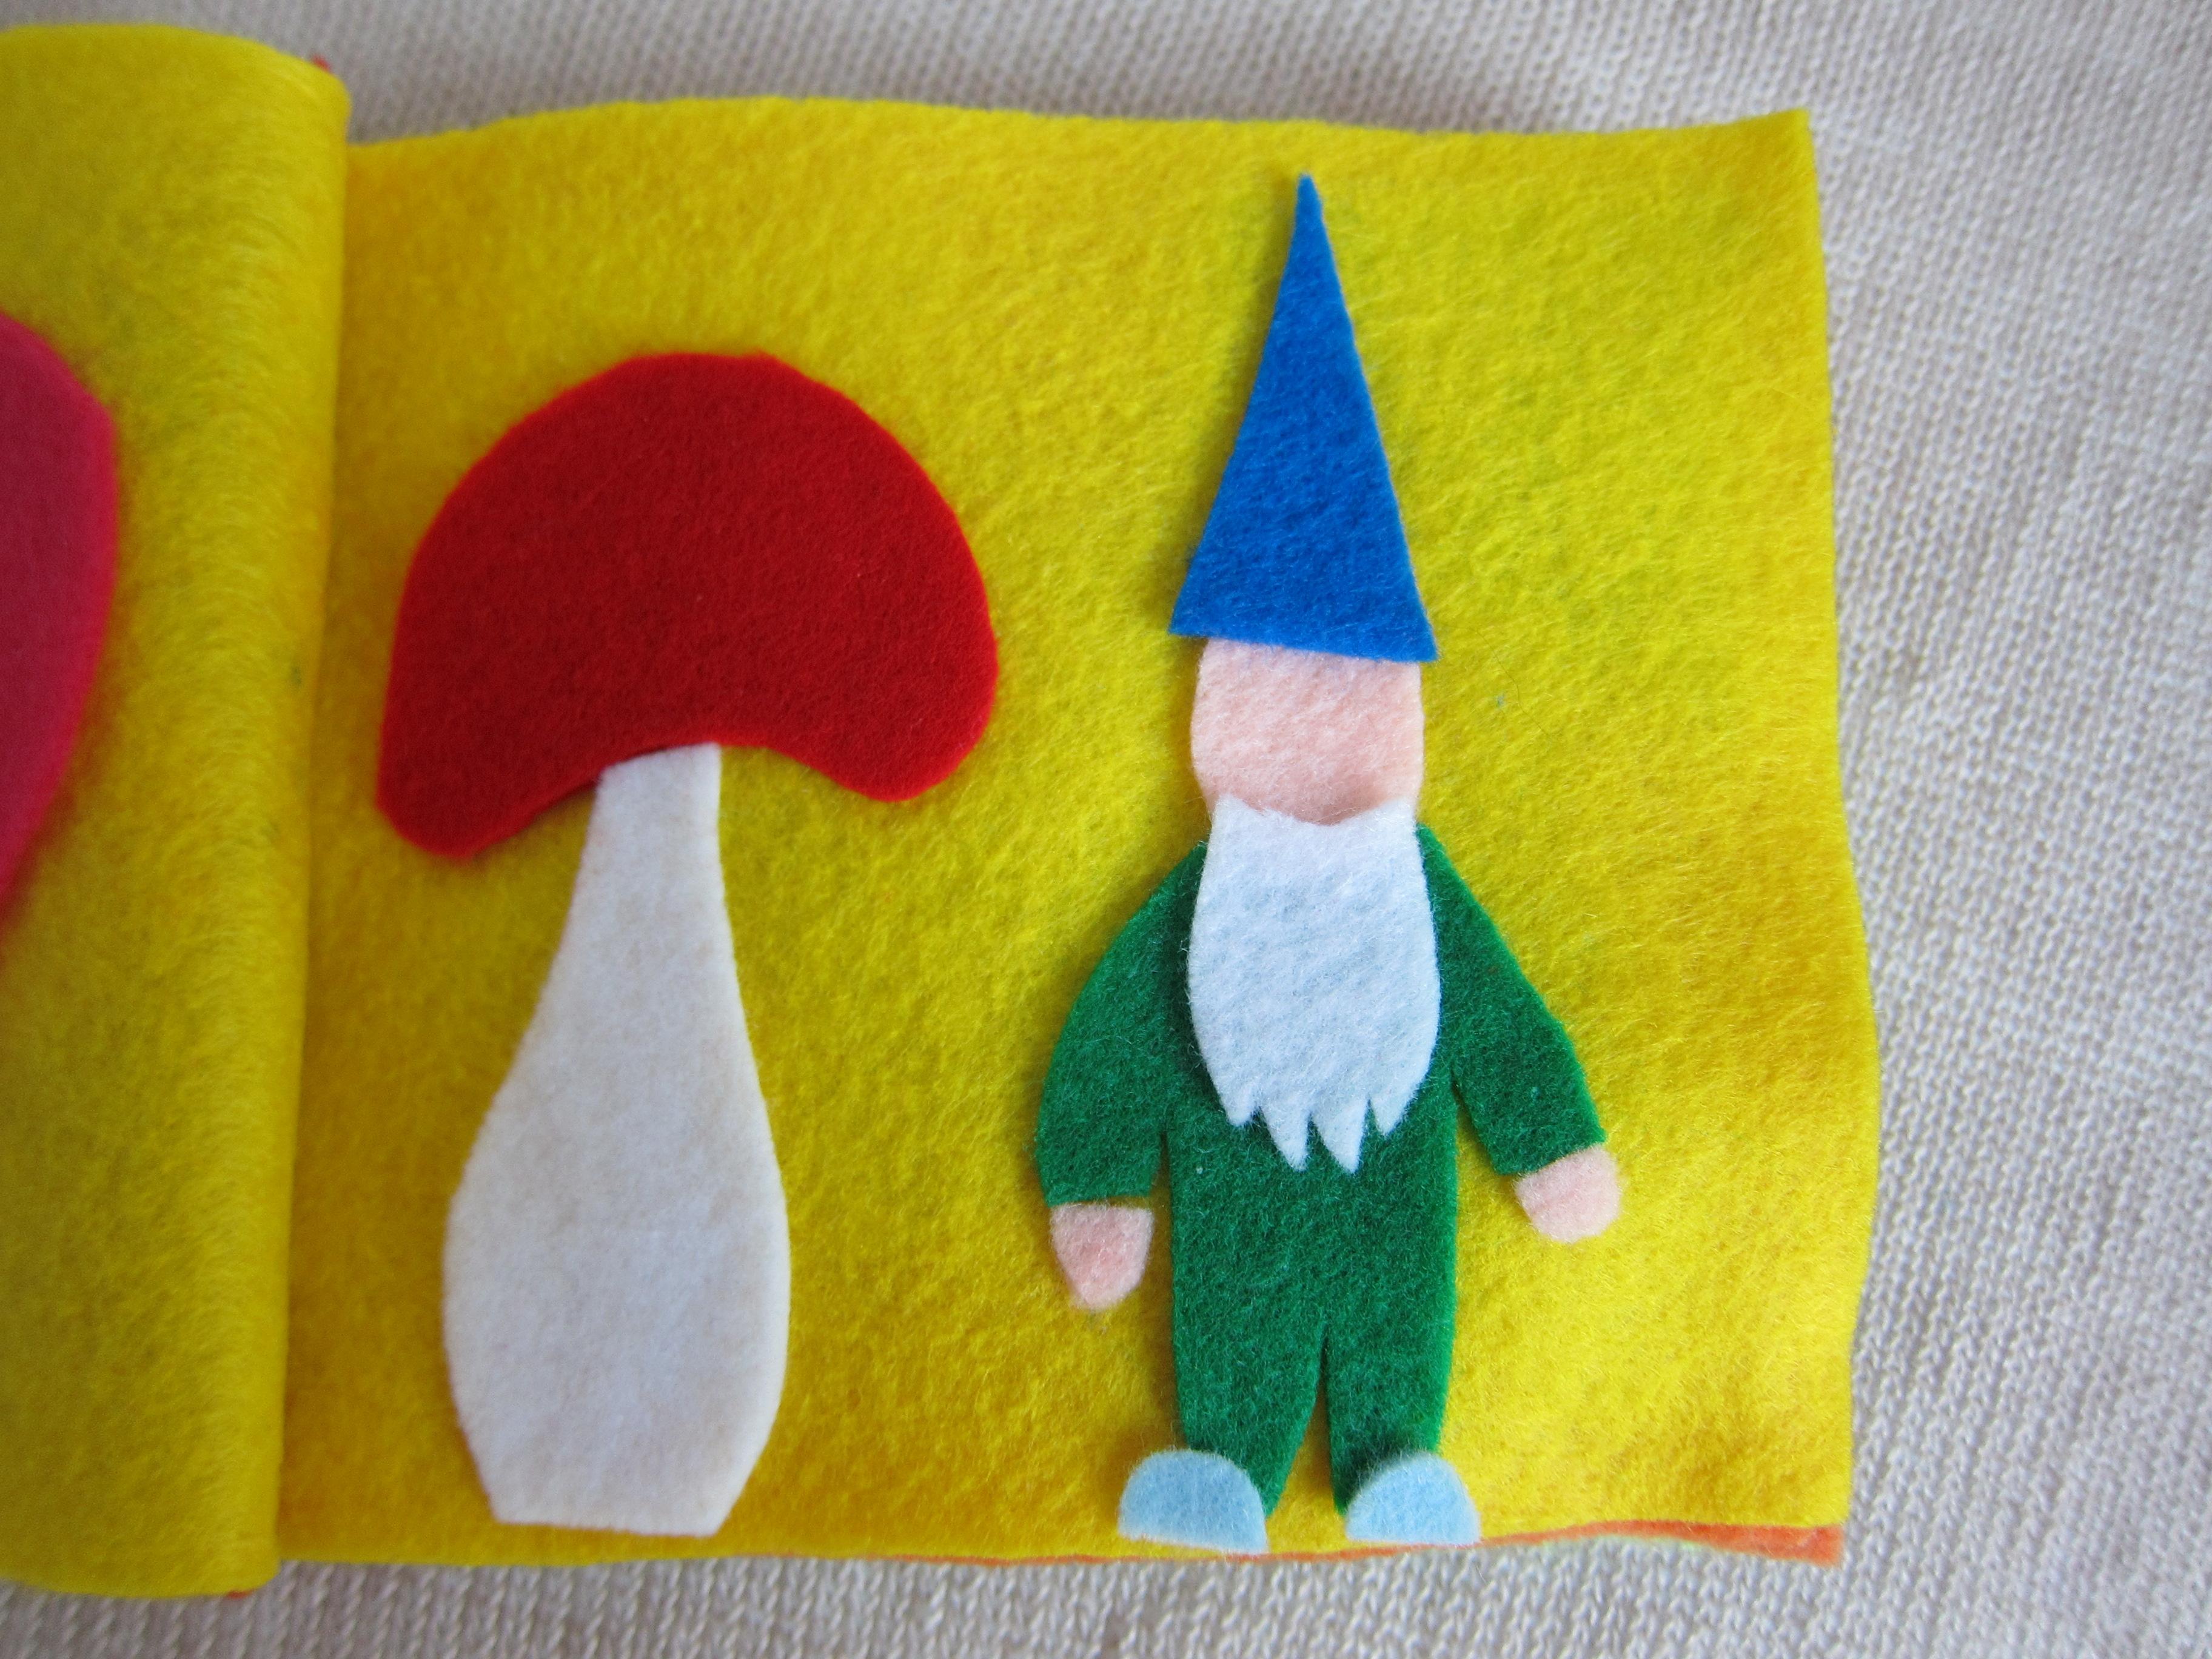 Felt craft book - Advertisements